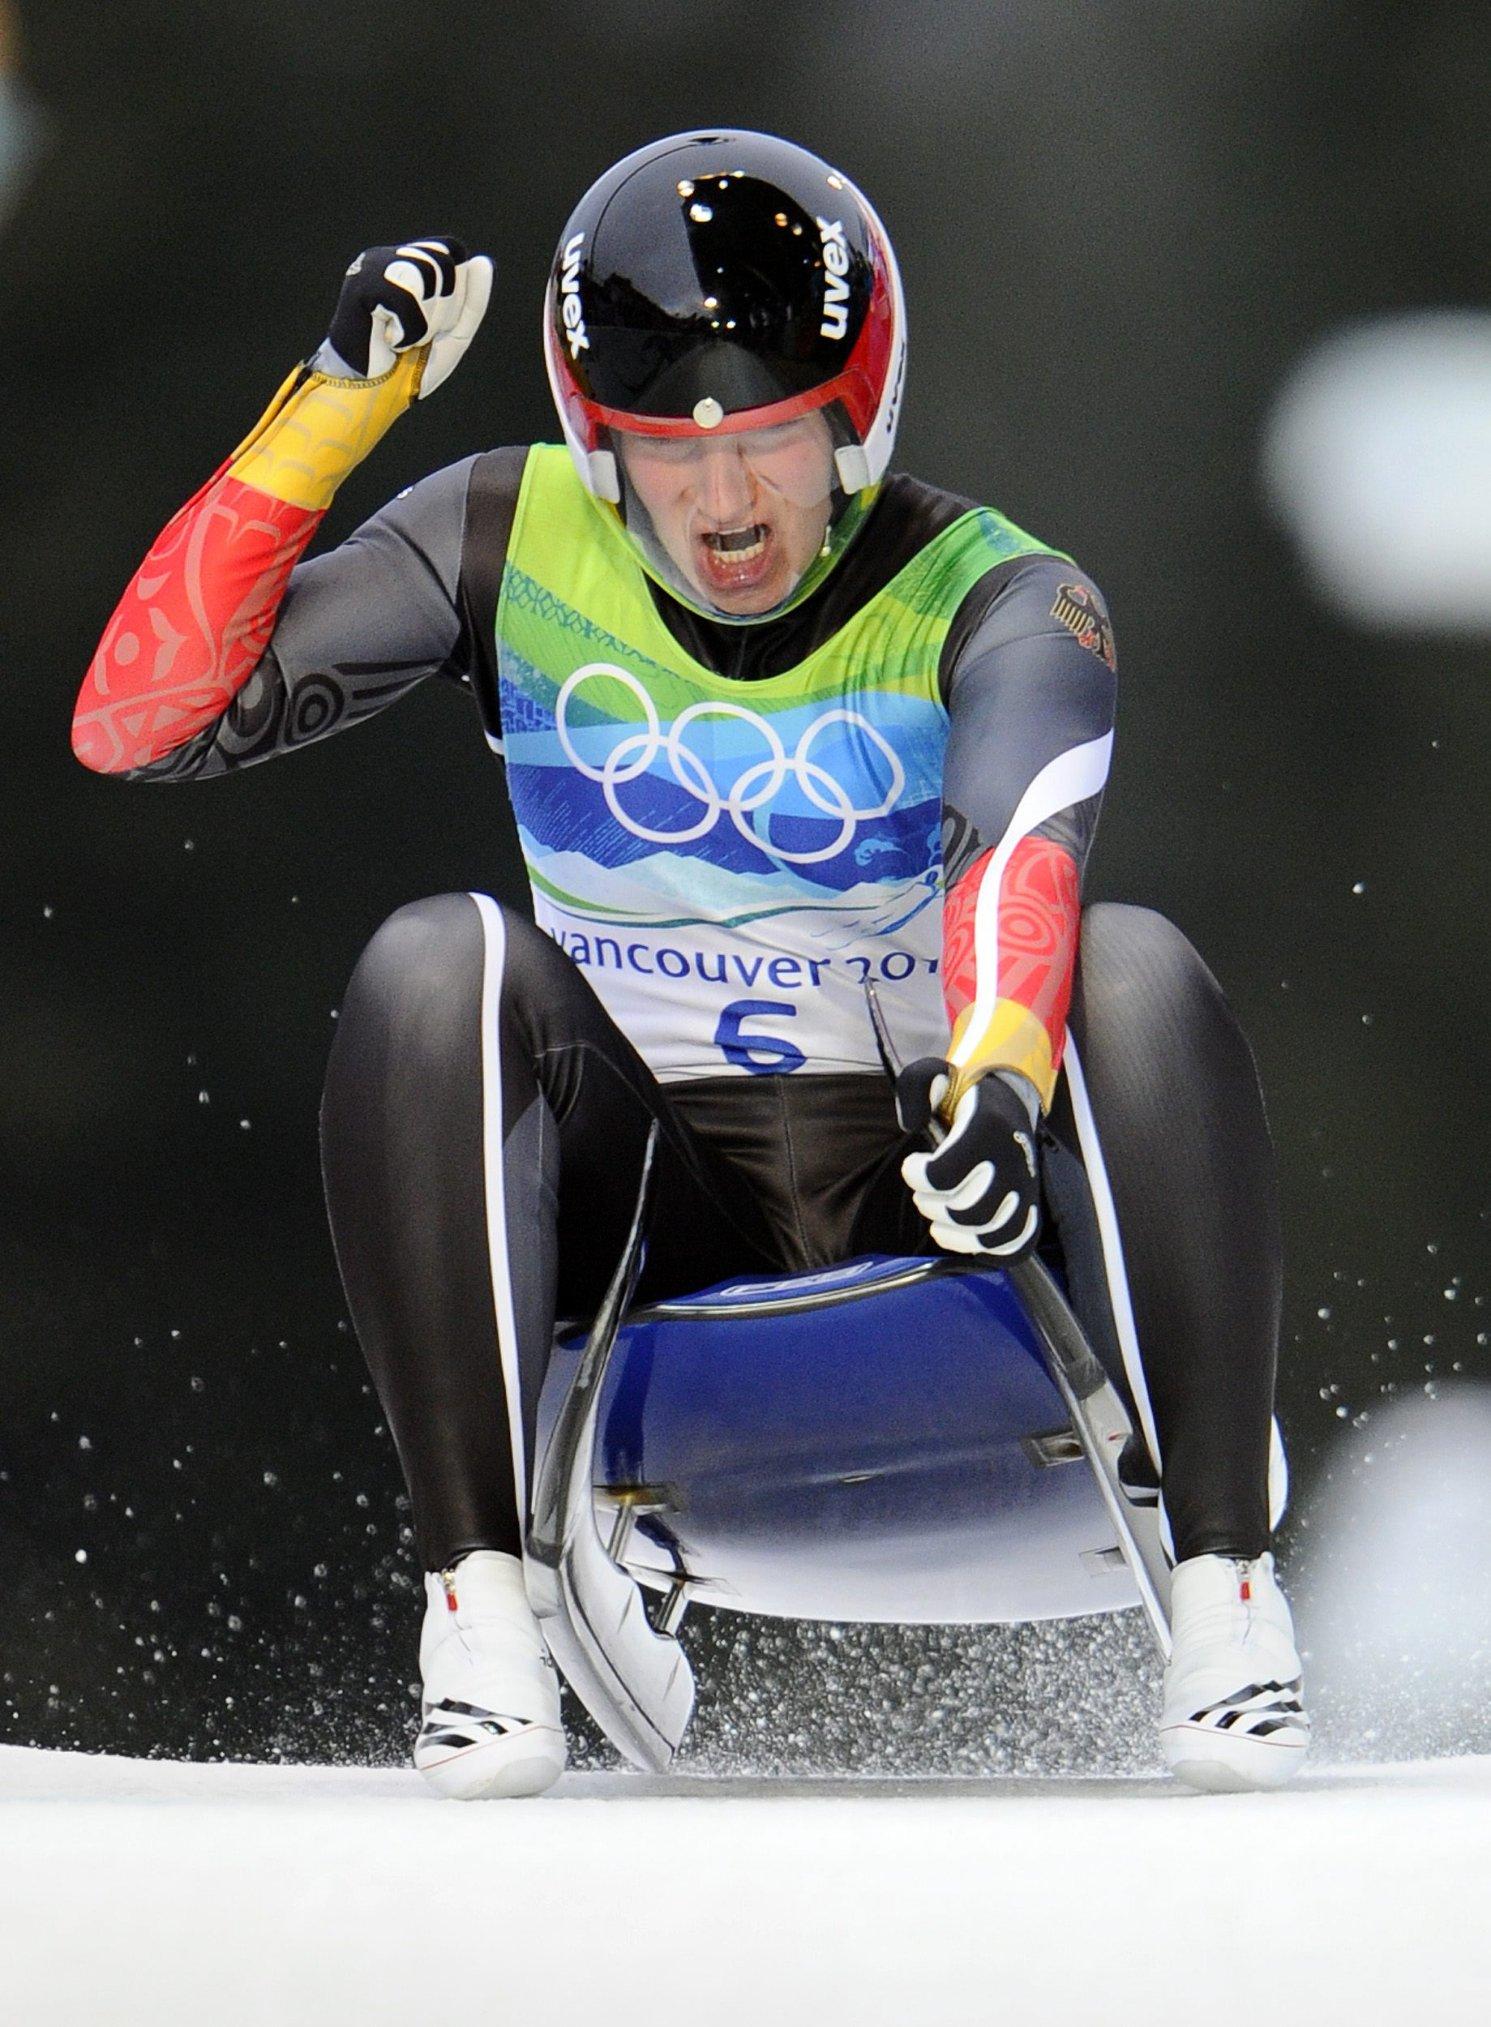 Hüfner Olympiasiegerin - Bronze für Geisenberger